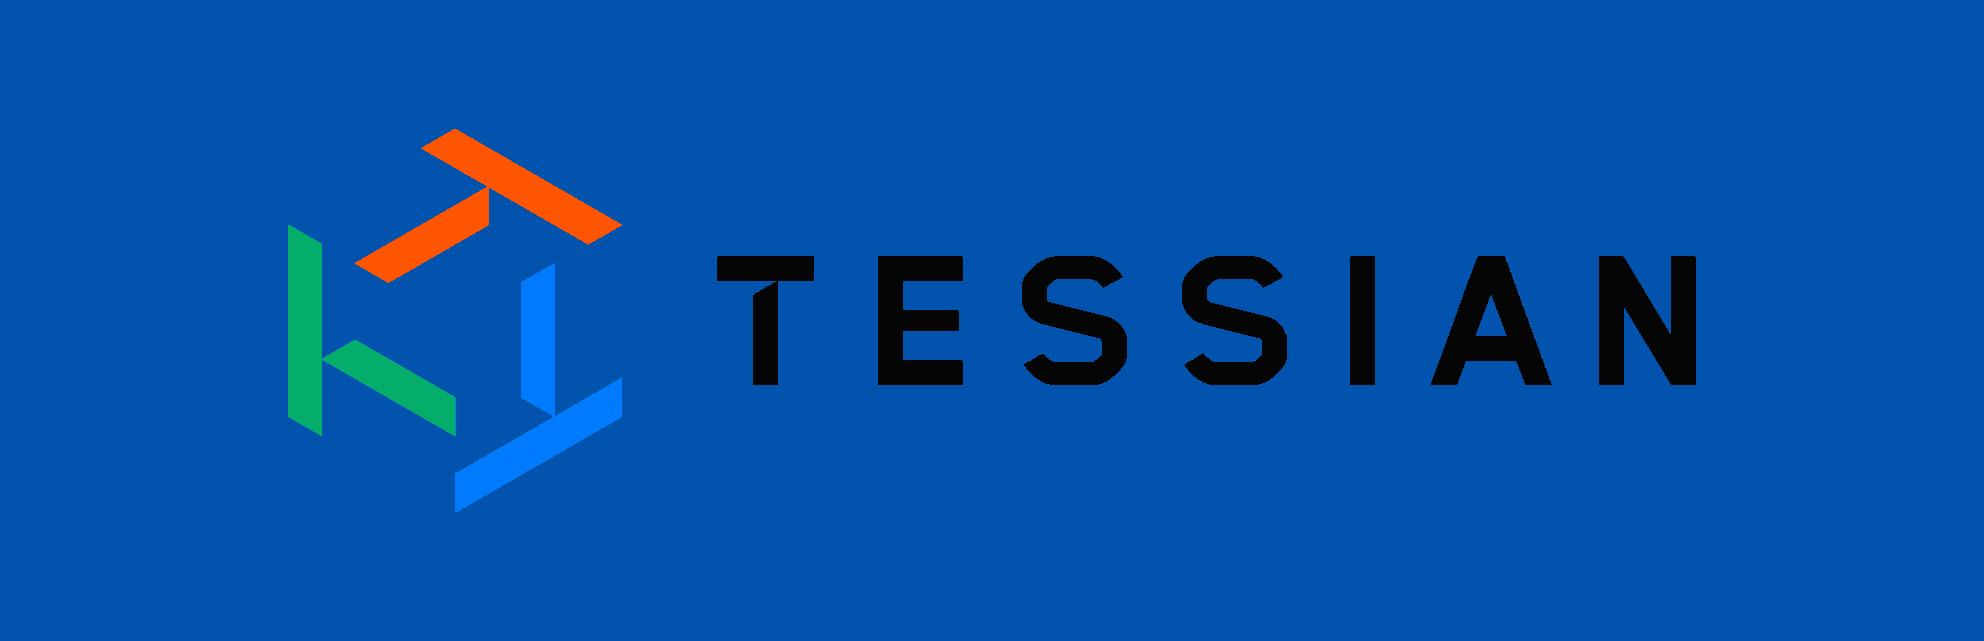 Tessian_Logo.png